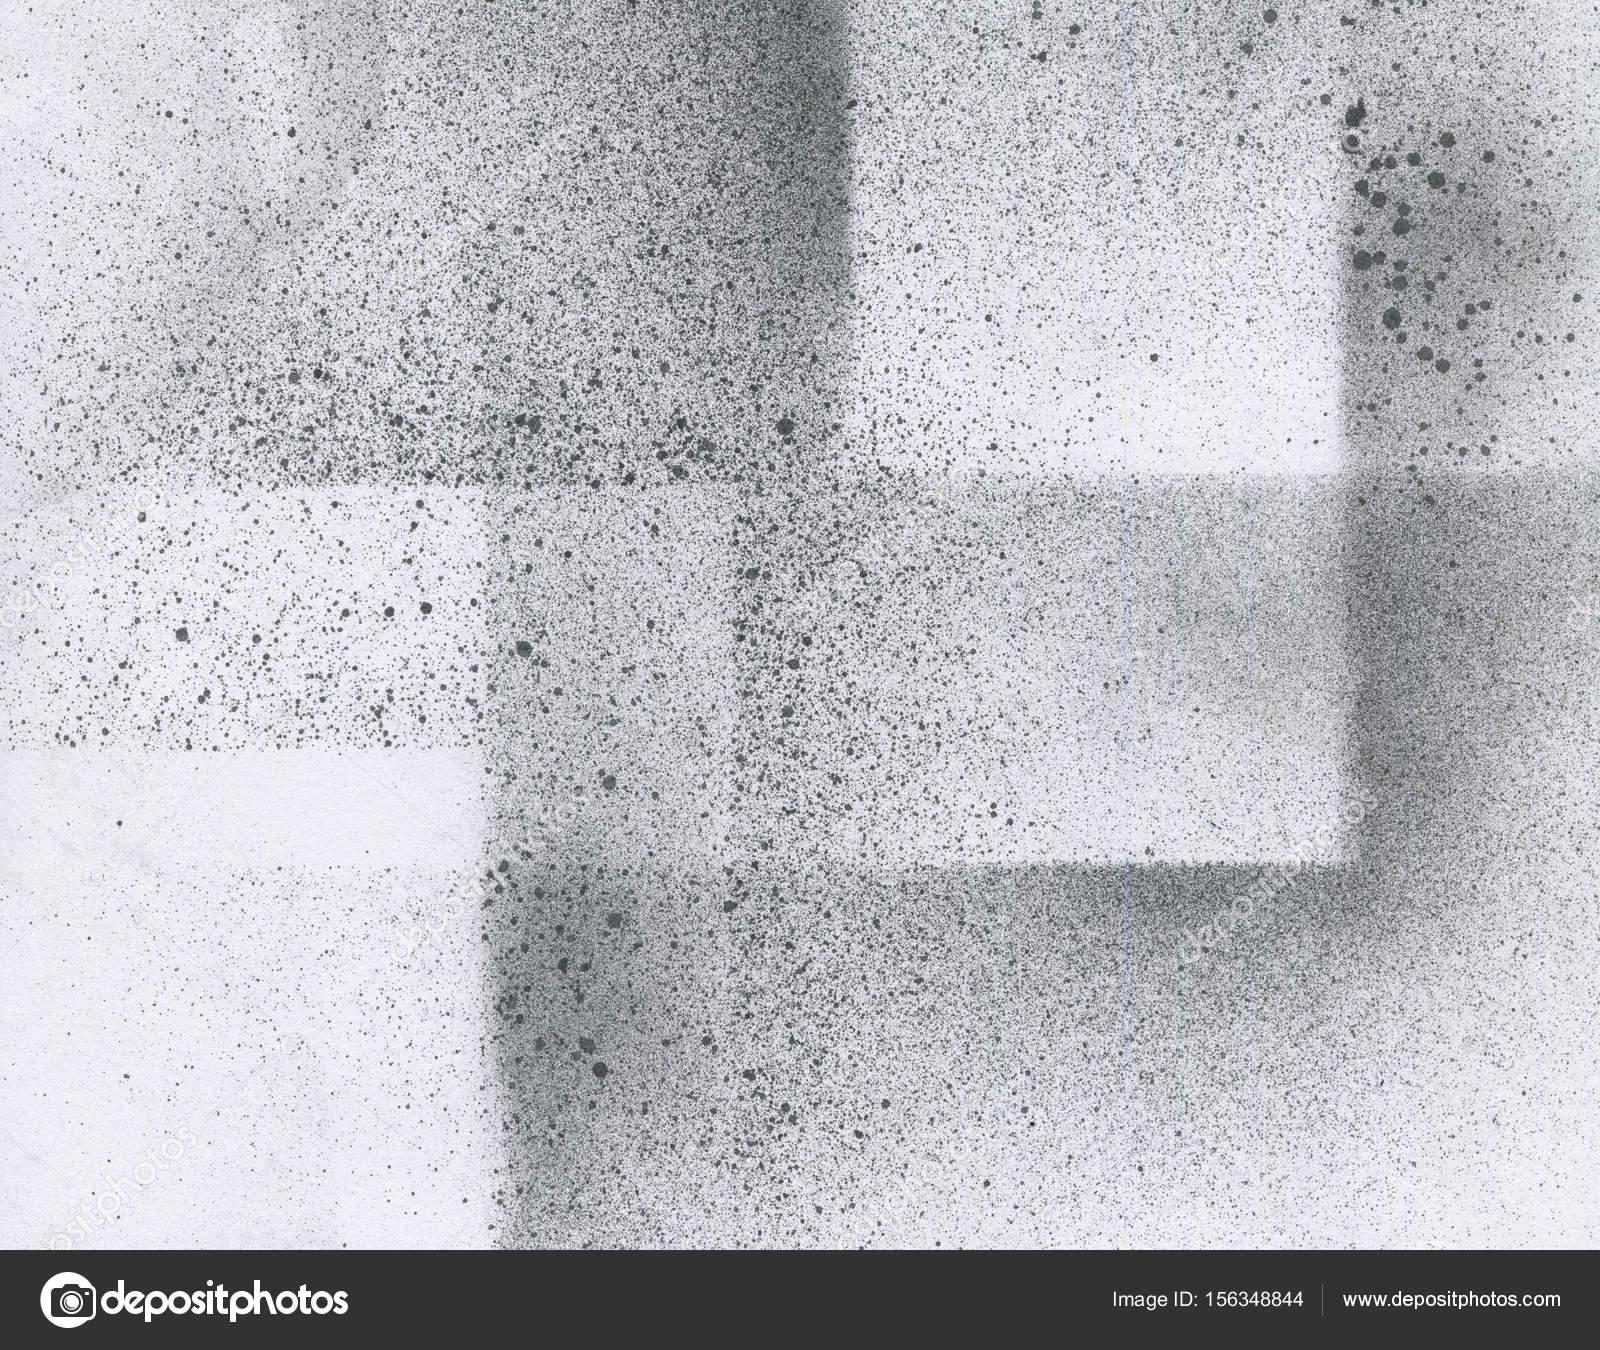 carta da parati con effetto aerografo. struttura di colpo di vernice